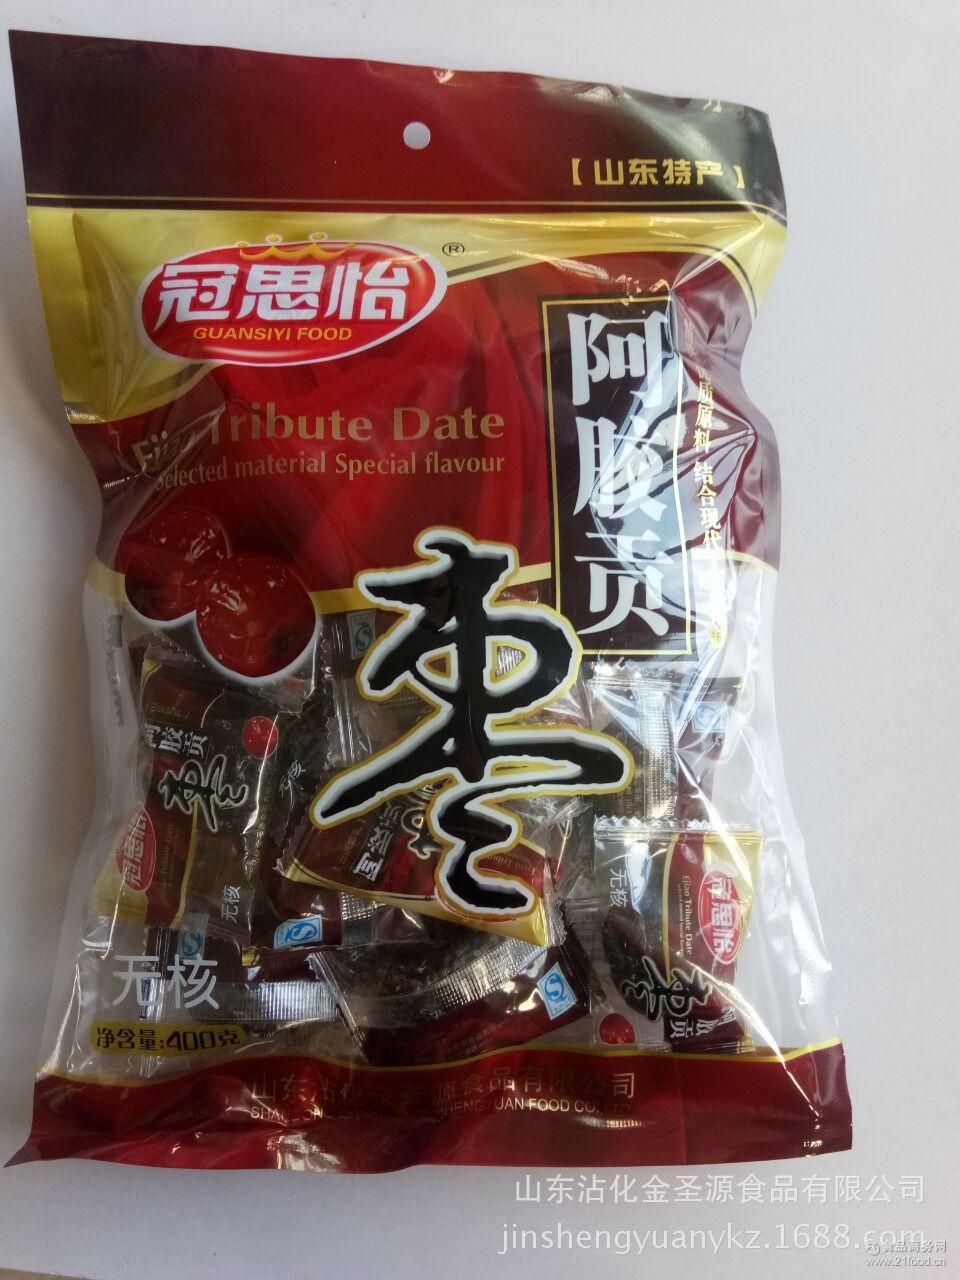 厂家直销冠思怡阿胶贡枣山东沾化特产休闲食品